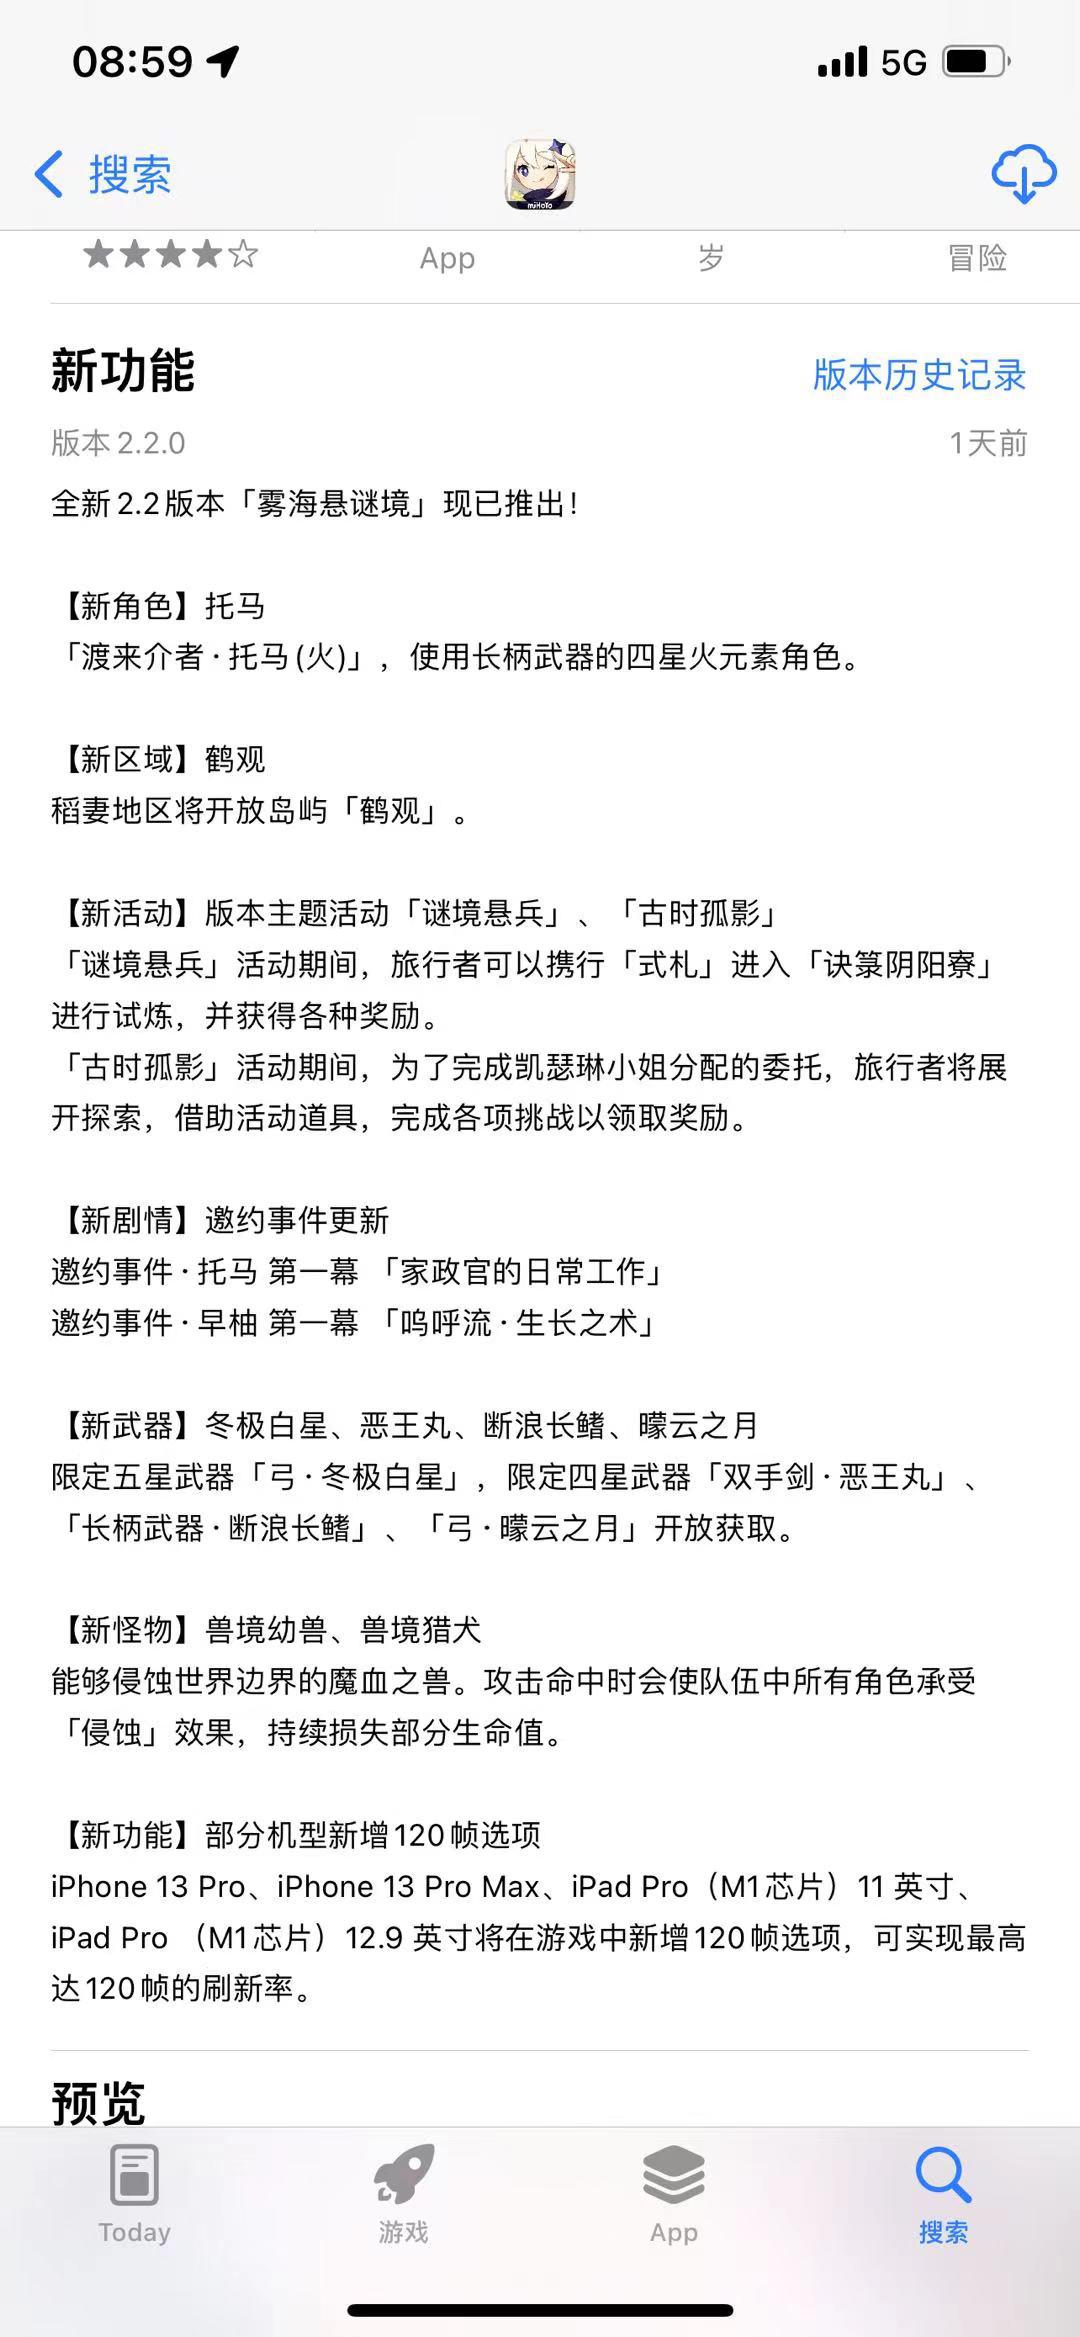 《原神》全新2.2版本「雾海悬谜境」现已推出截图